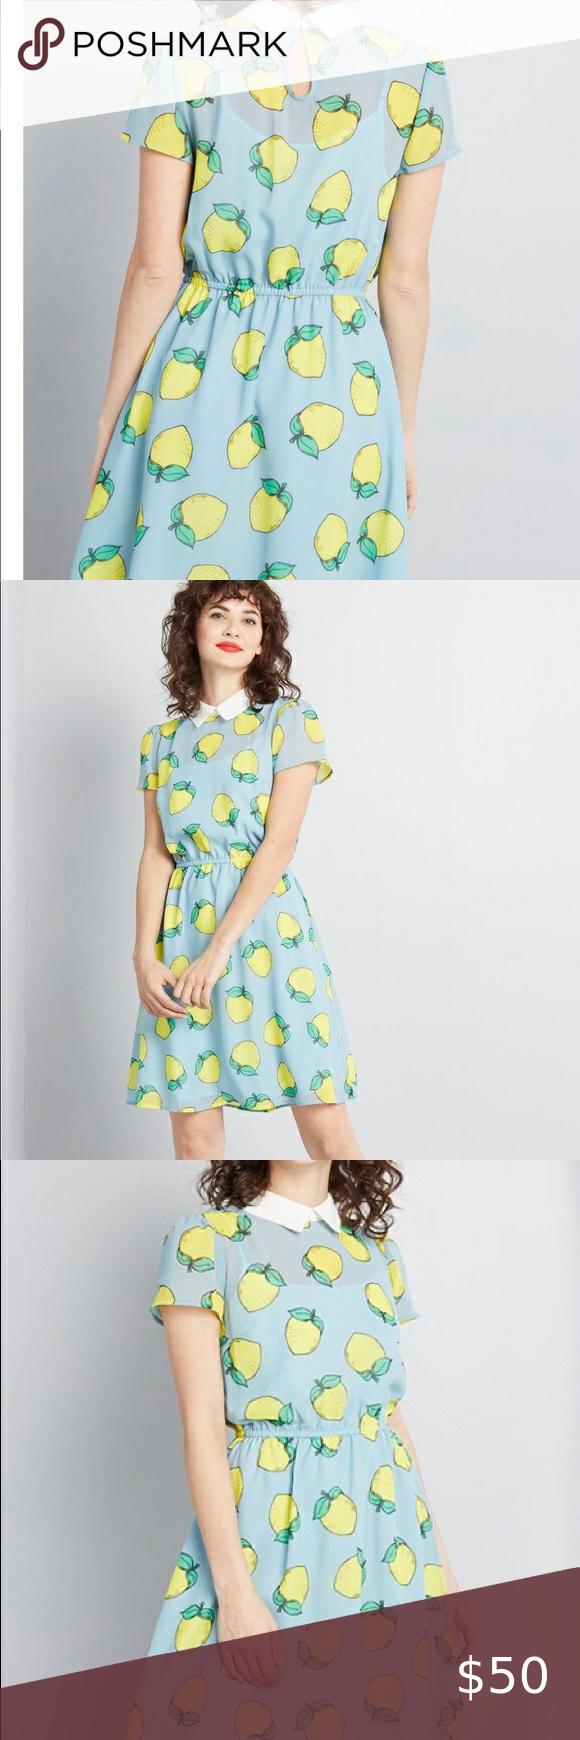 Our Favourite Girl Kenzas Wearing Lemon Print Wrap Dress Style Fashion Lemon Dress [ 1709 x 1200 Pixel ]